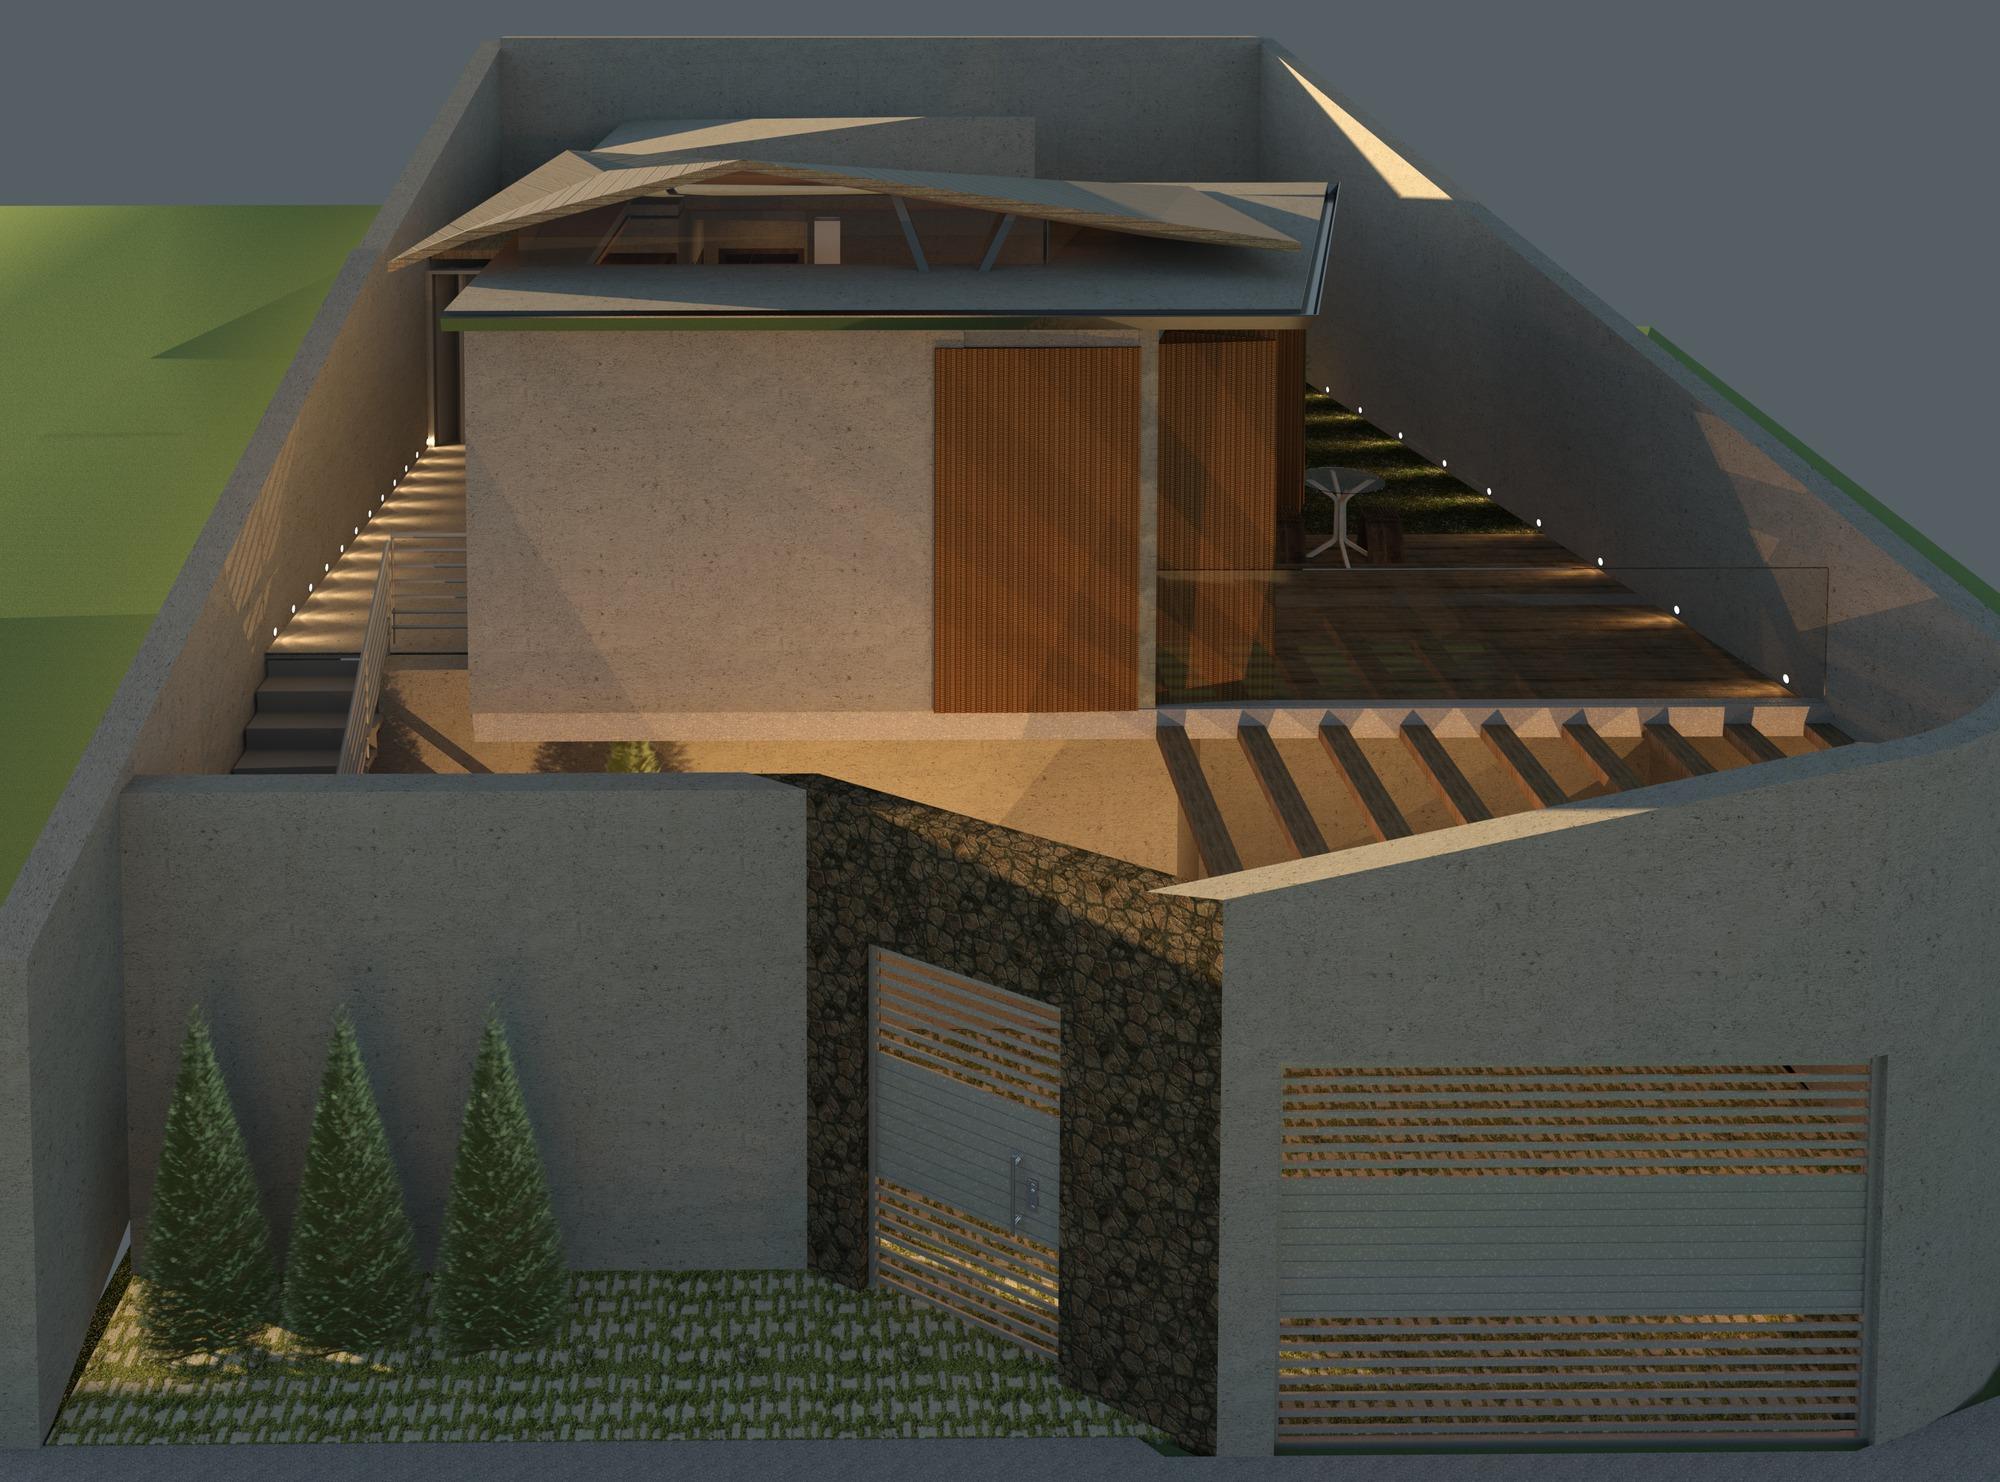 Raas-rendering20150610-25010-39thm1